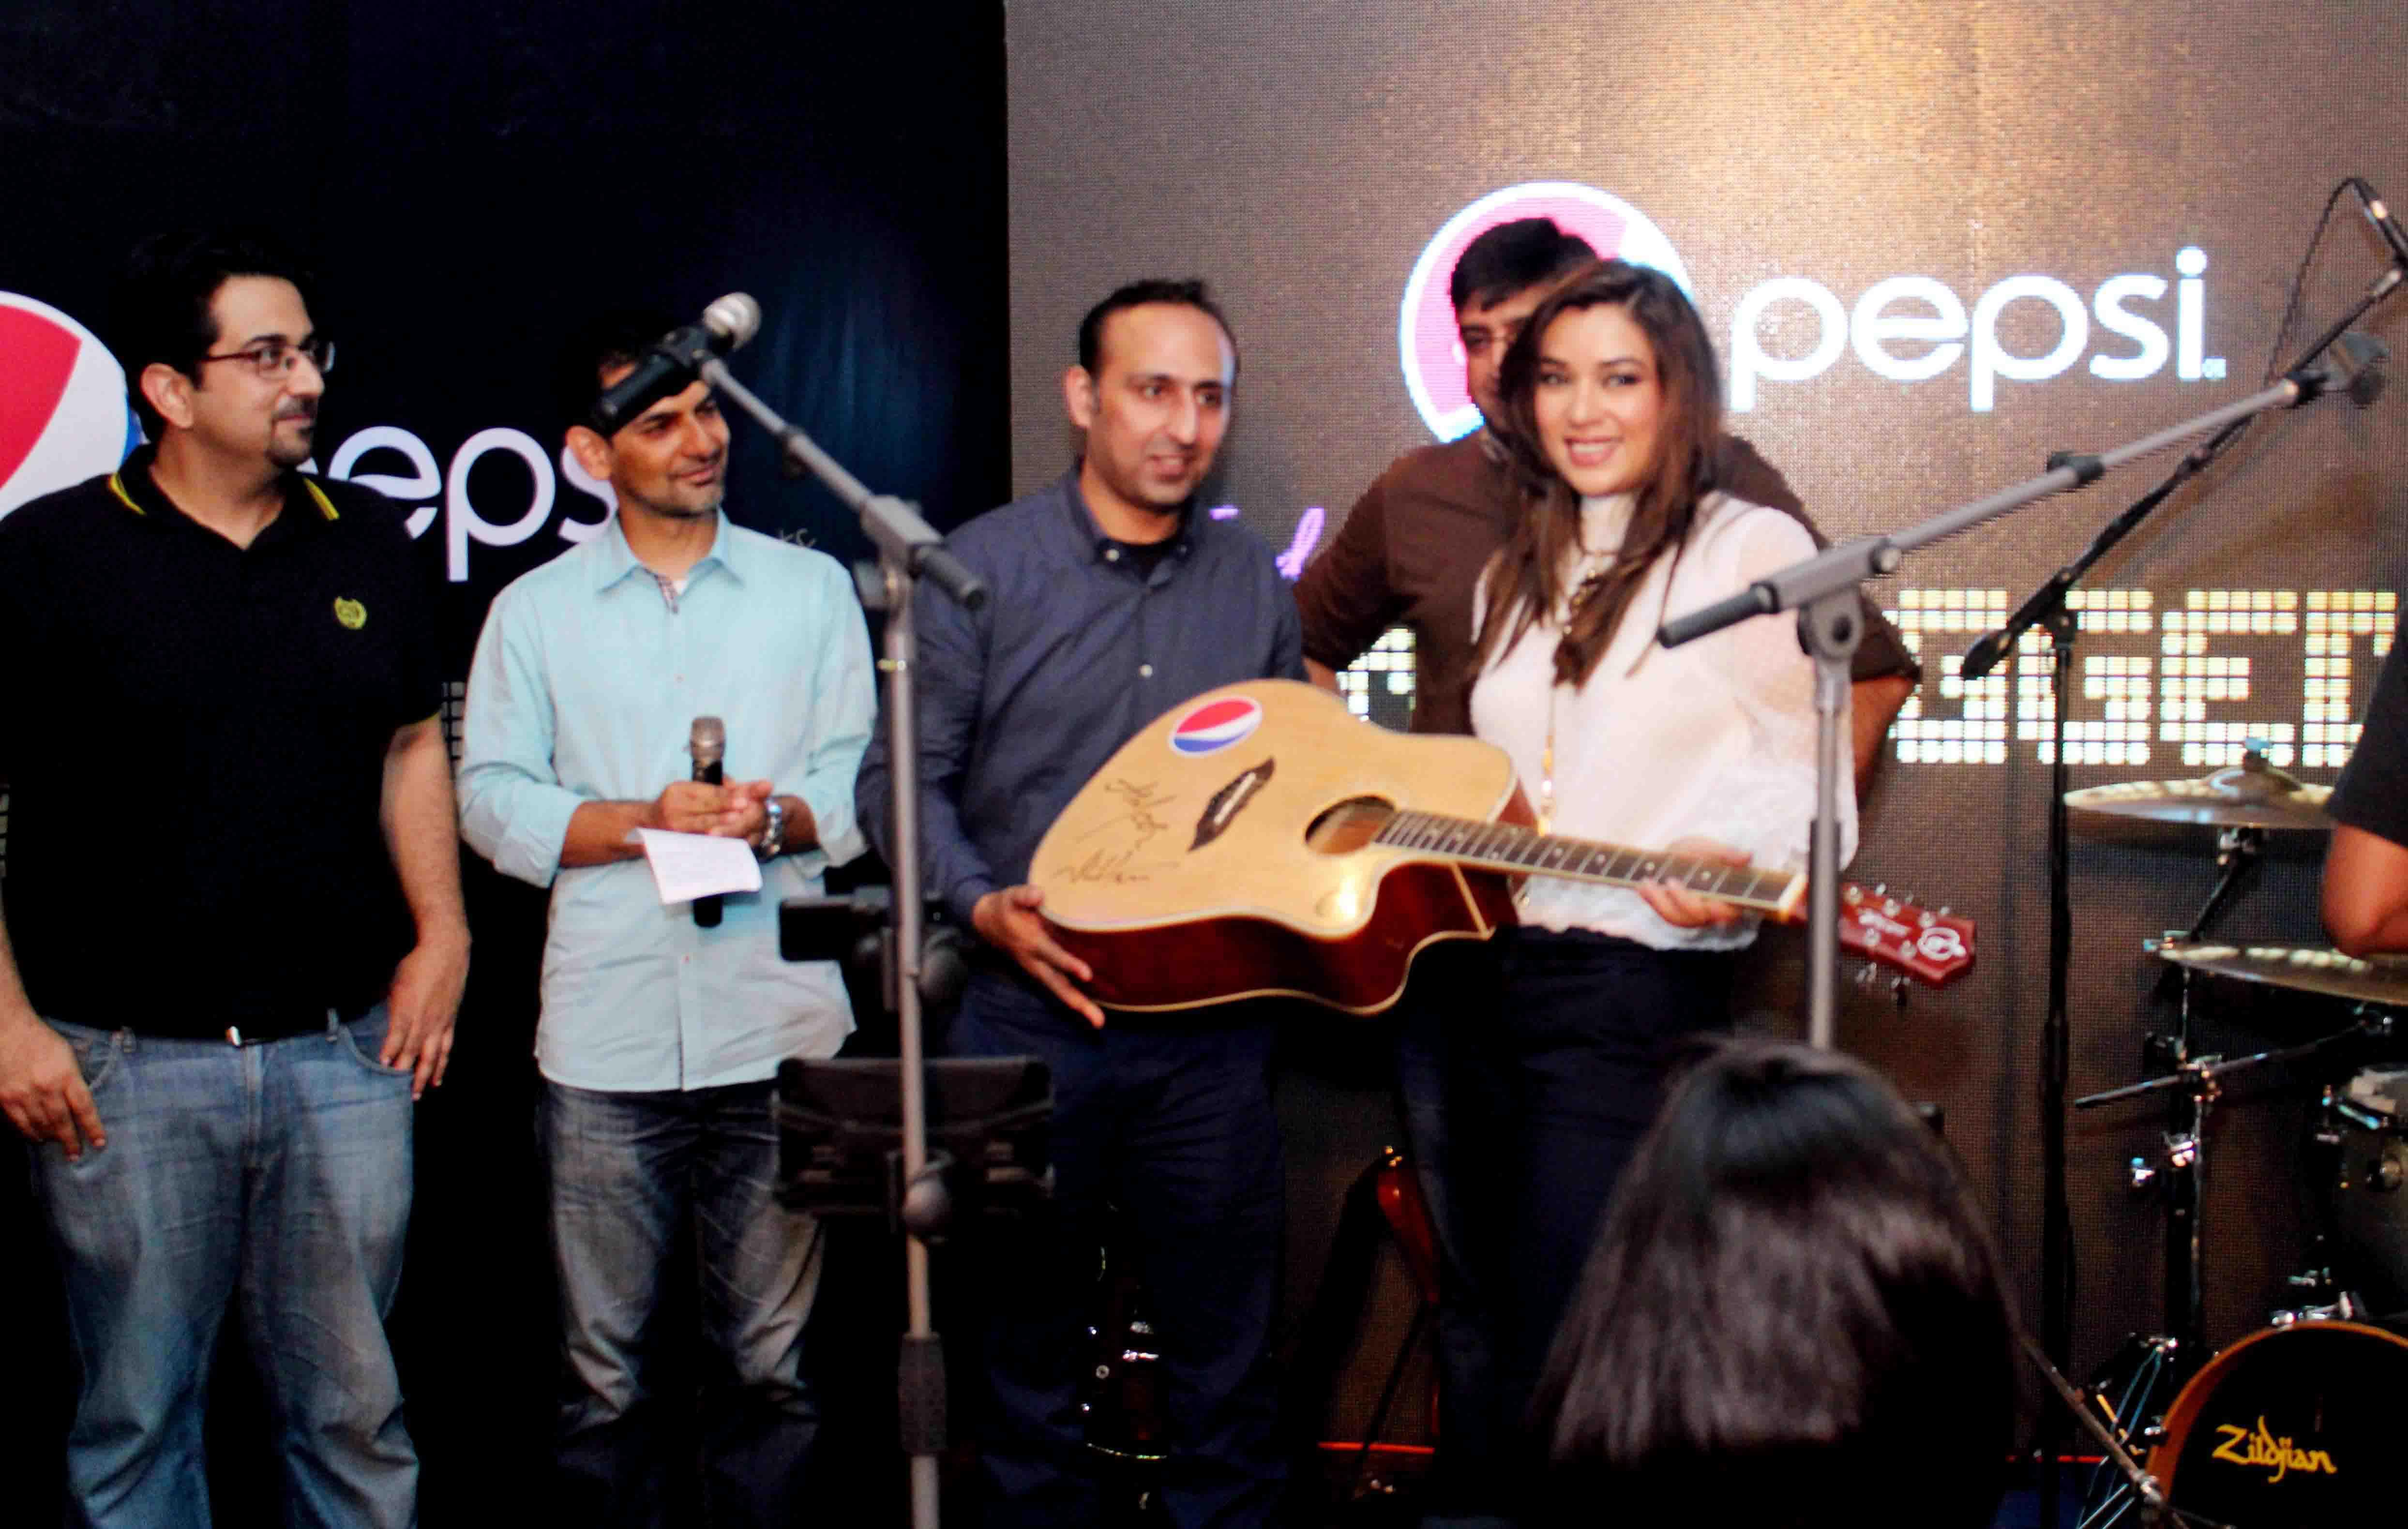 Komal Rizvi recieving guitar from Ali Rauf, Junaid Zafar, Wasif Khan & Pepsi Team